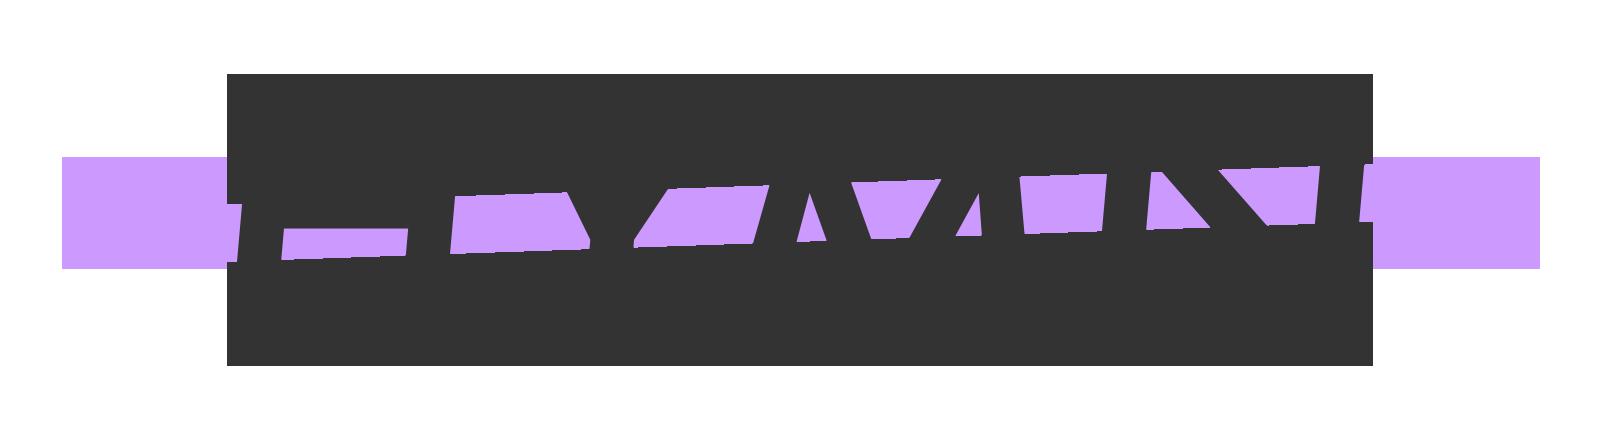 HYMN -